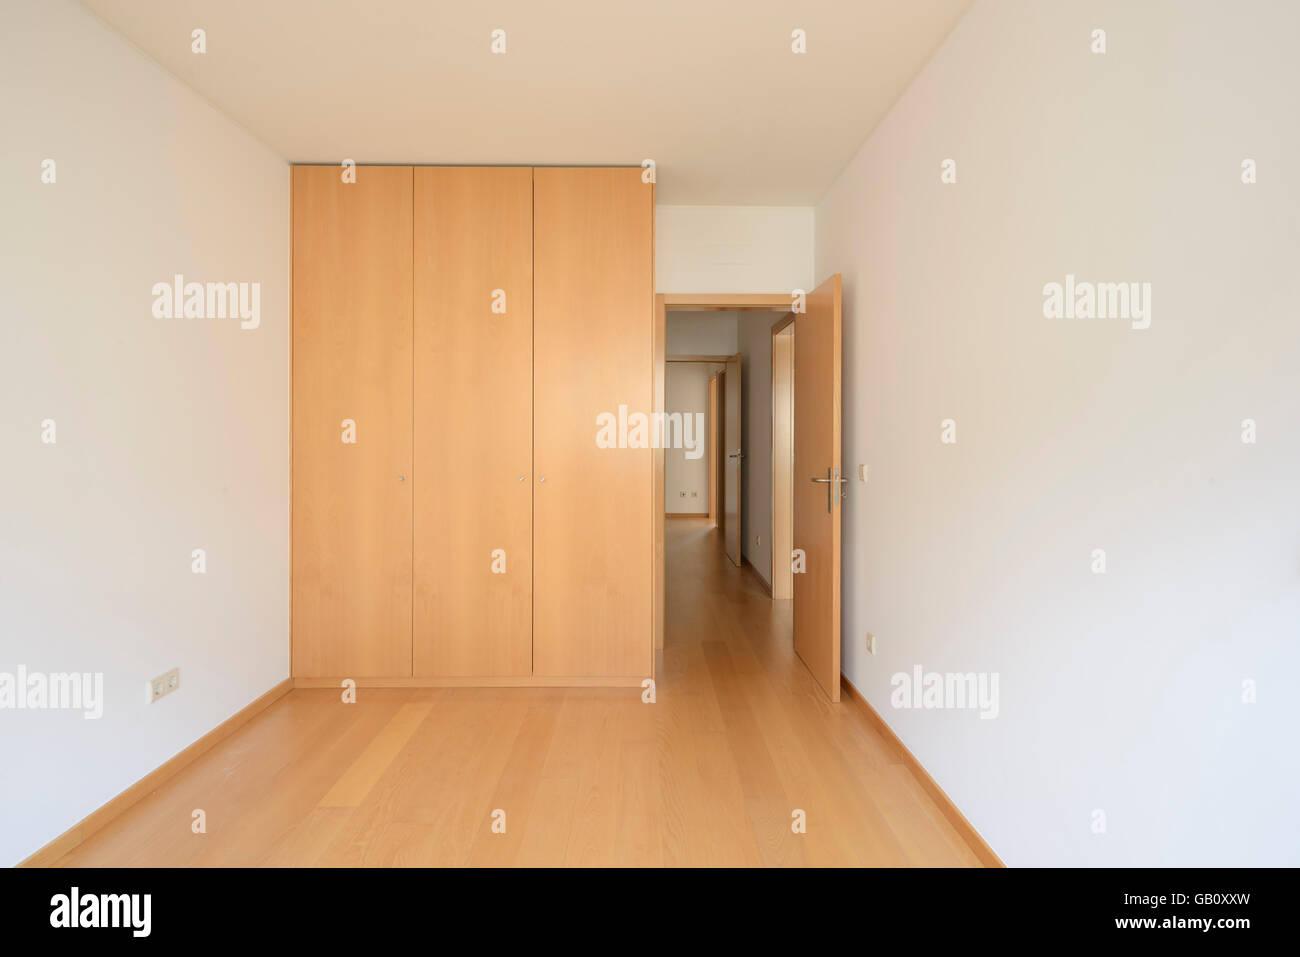 Empty Bedroom With Big Closet Stock Photo 110044561 Alamy